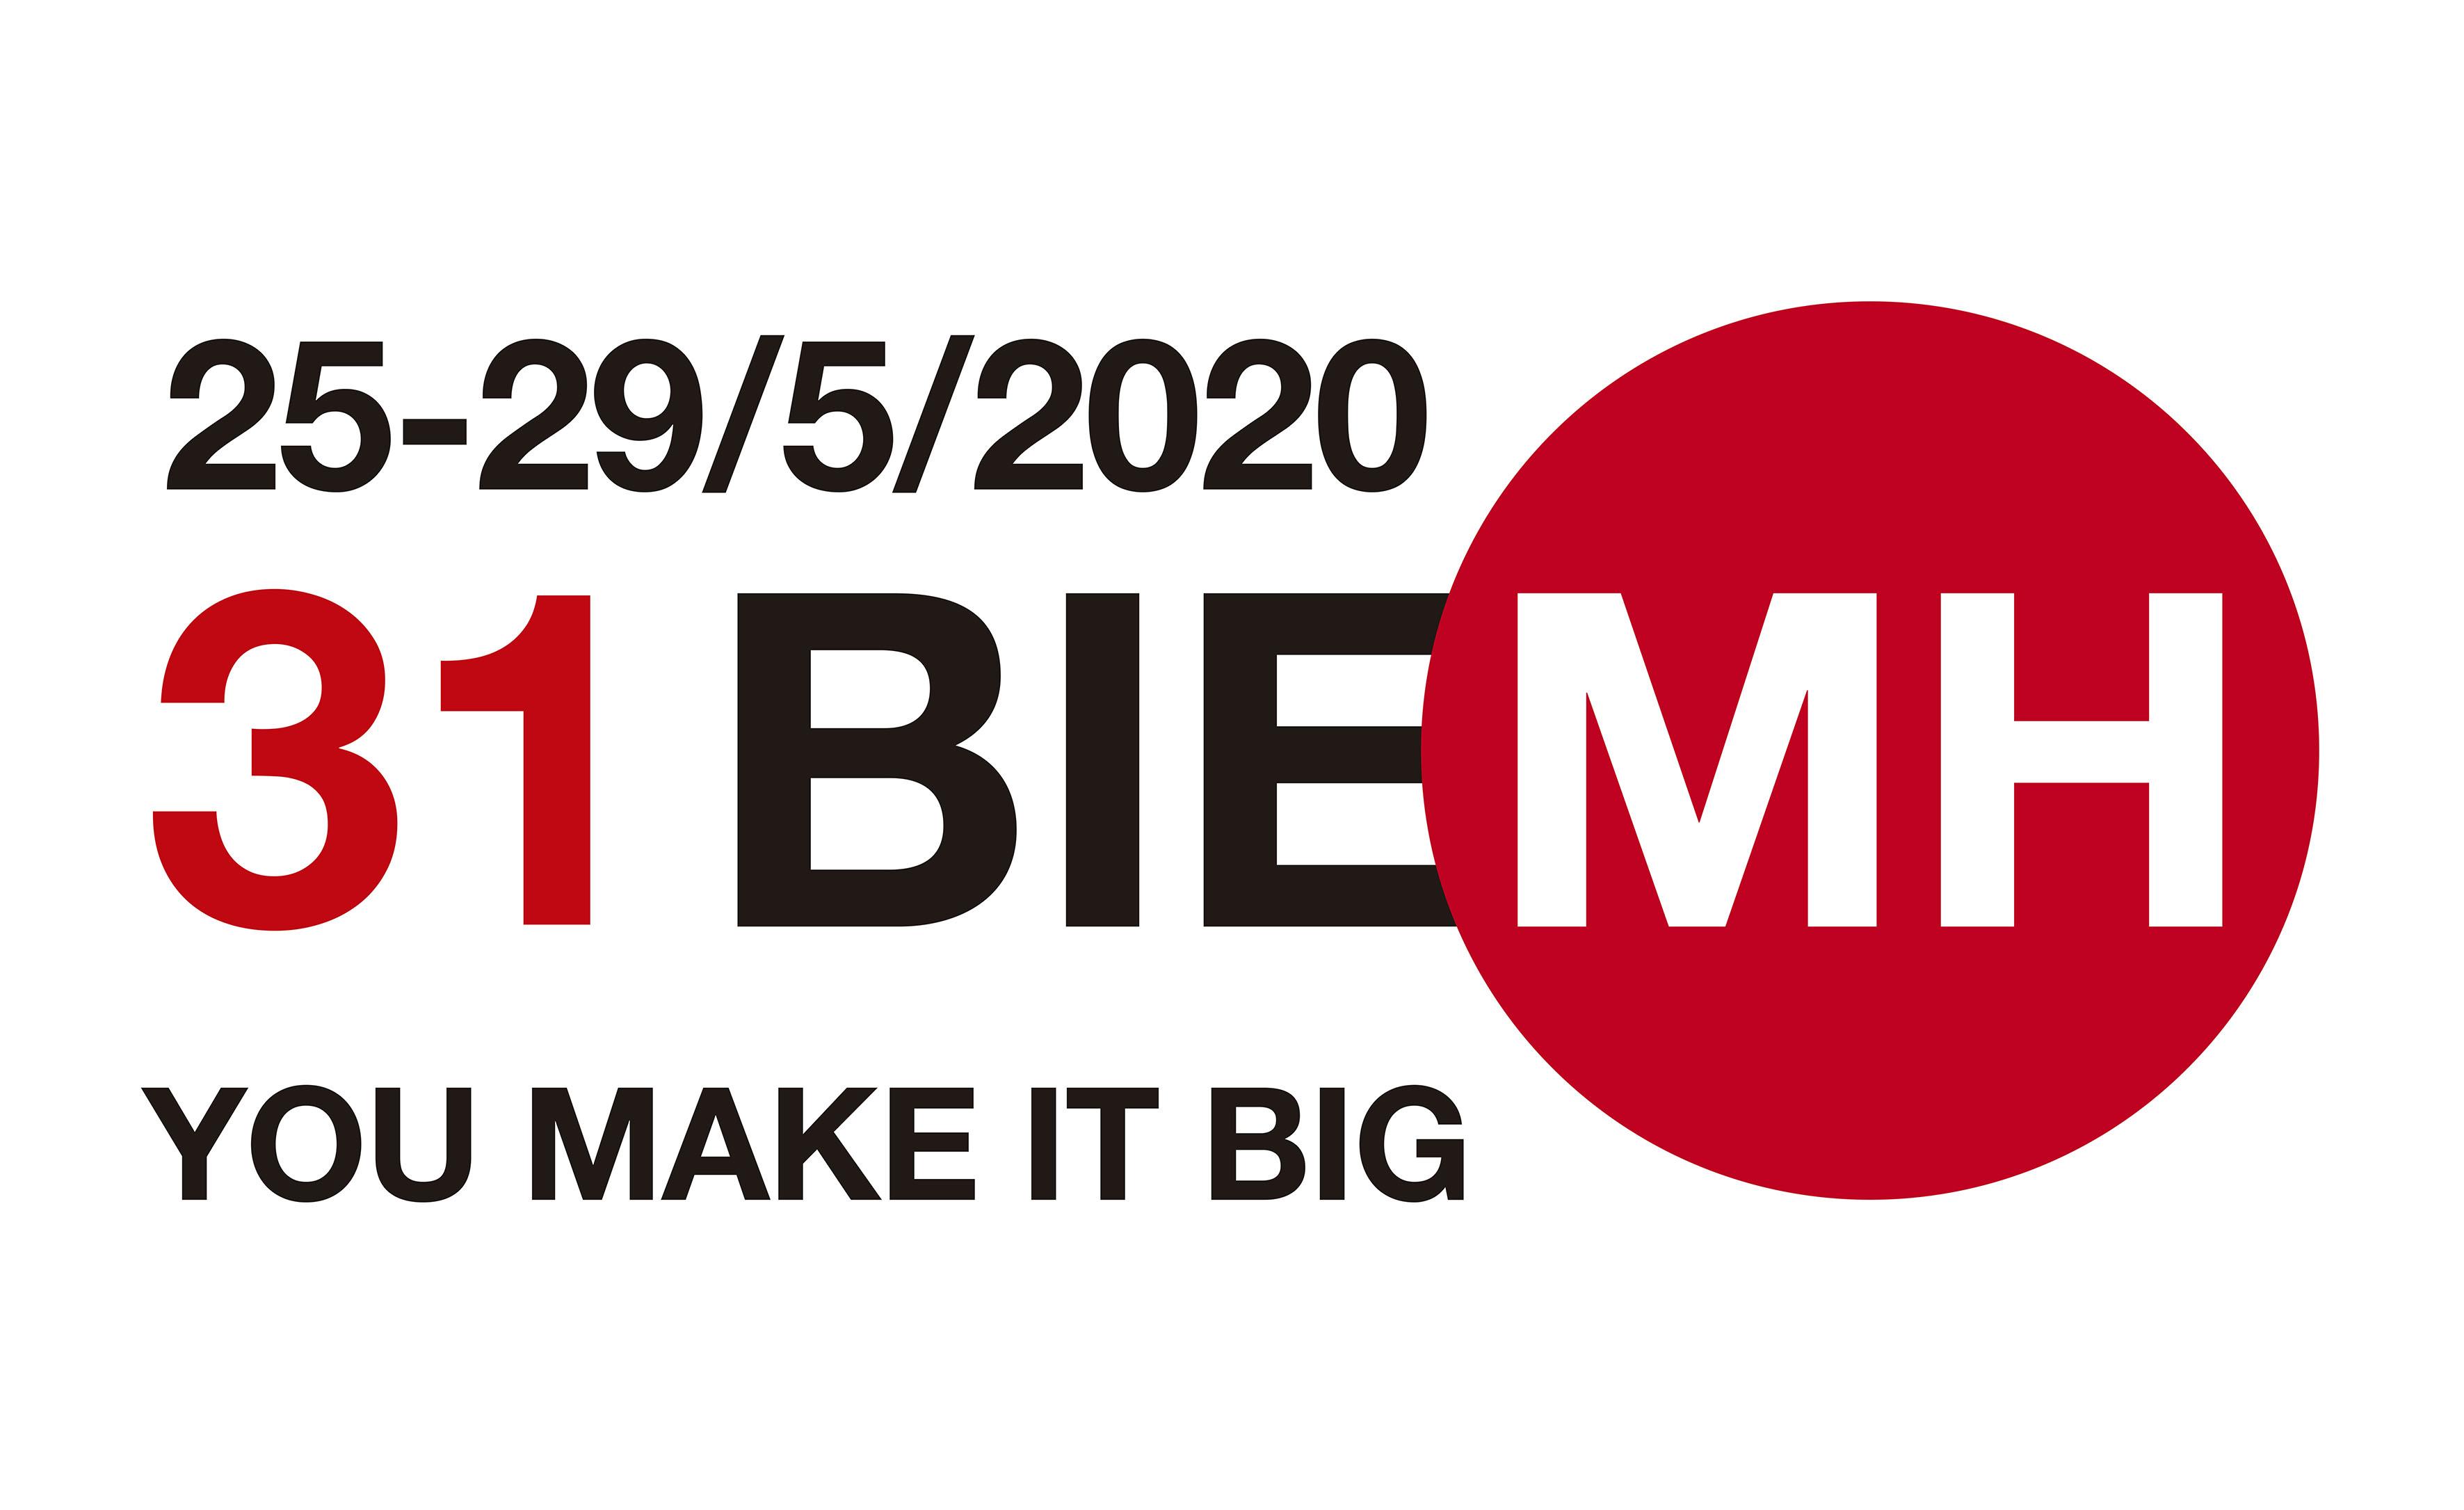 Link para Inscripción Gratuita 31 BIEMH a Celebrar en el Recinto del BEC en Barakaldo (Bizkaia)